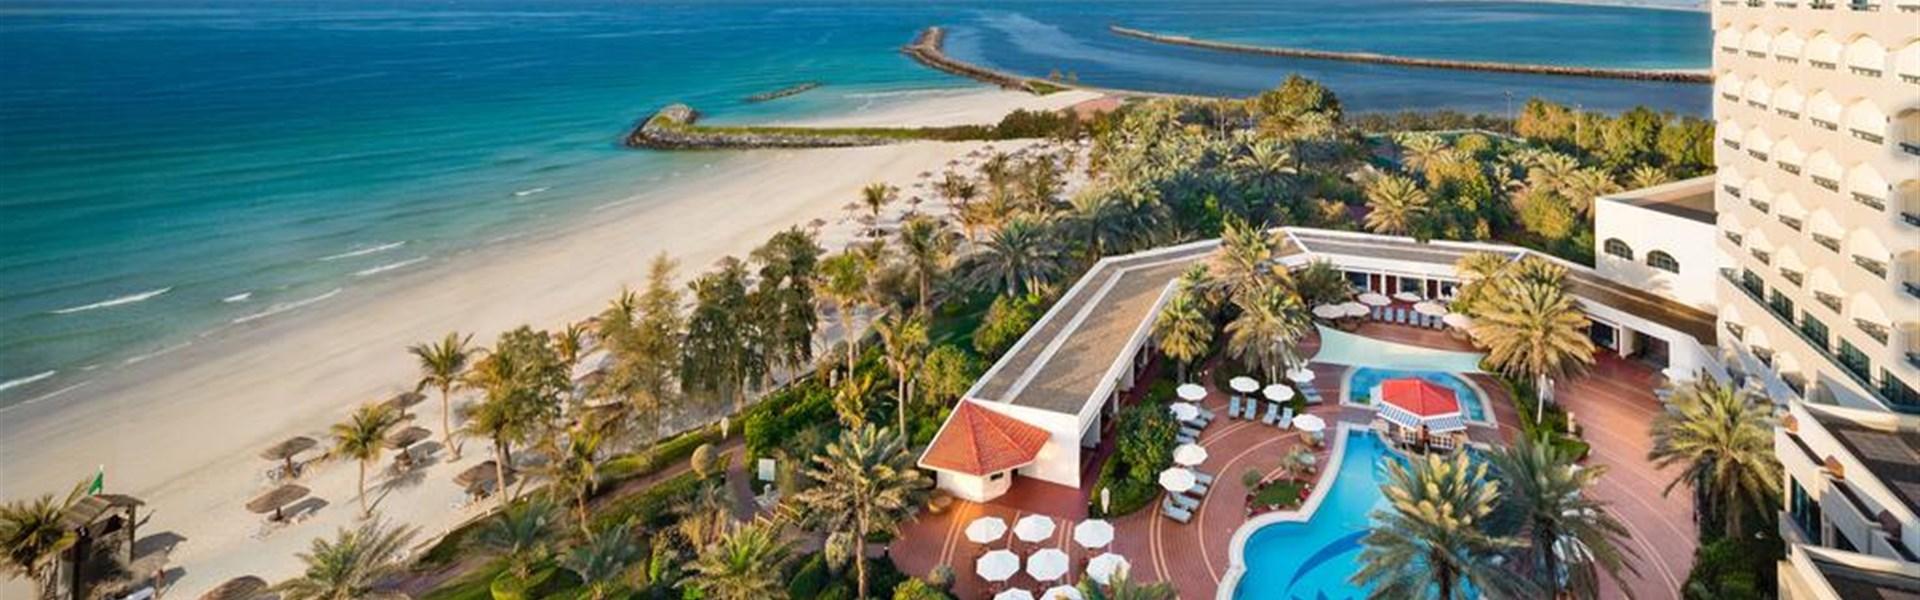 Pobyt u moře v Emirátech - Ajman Hotel (5*) -